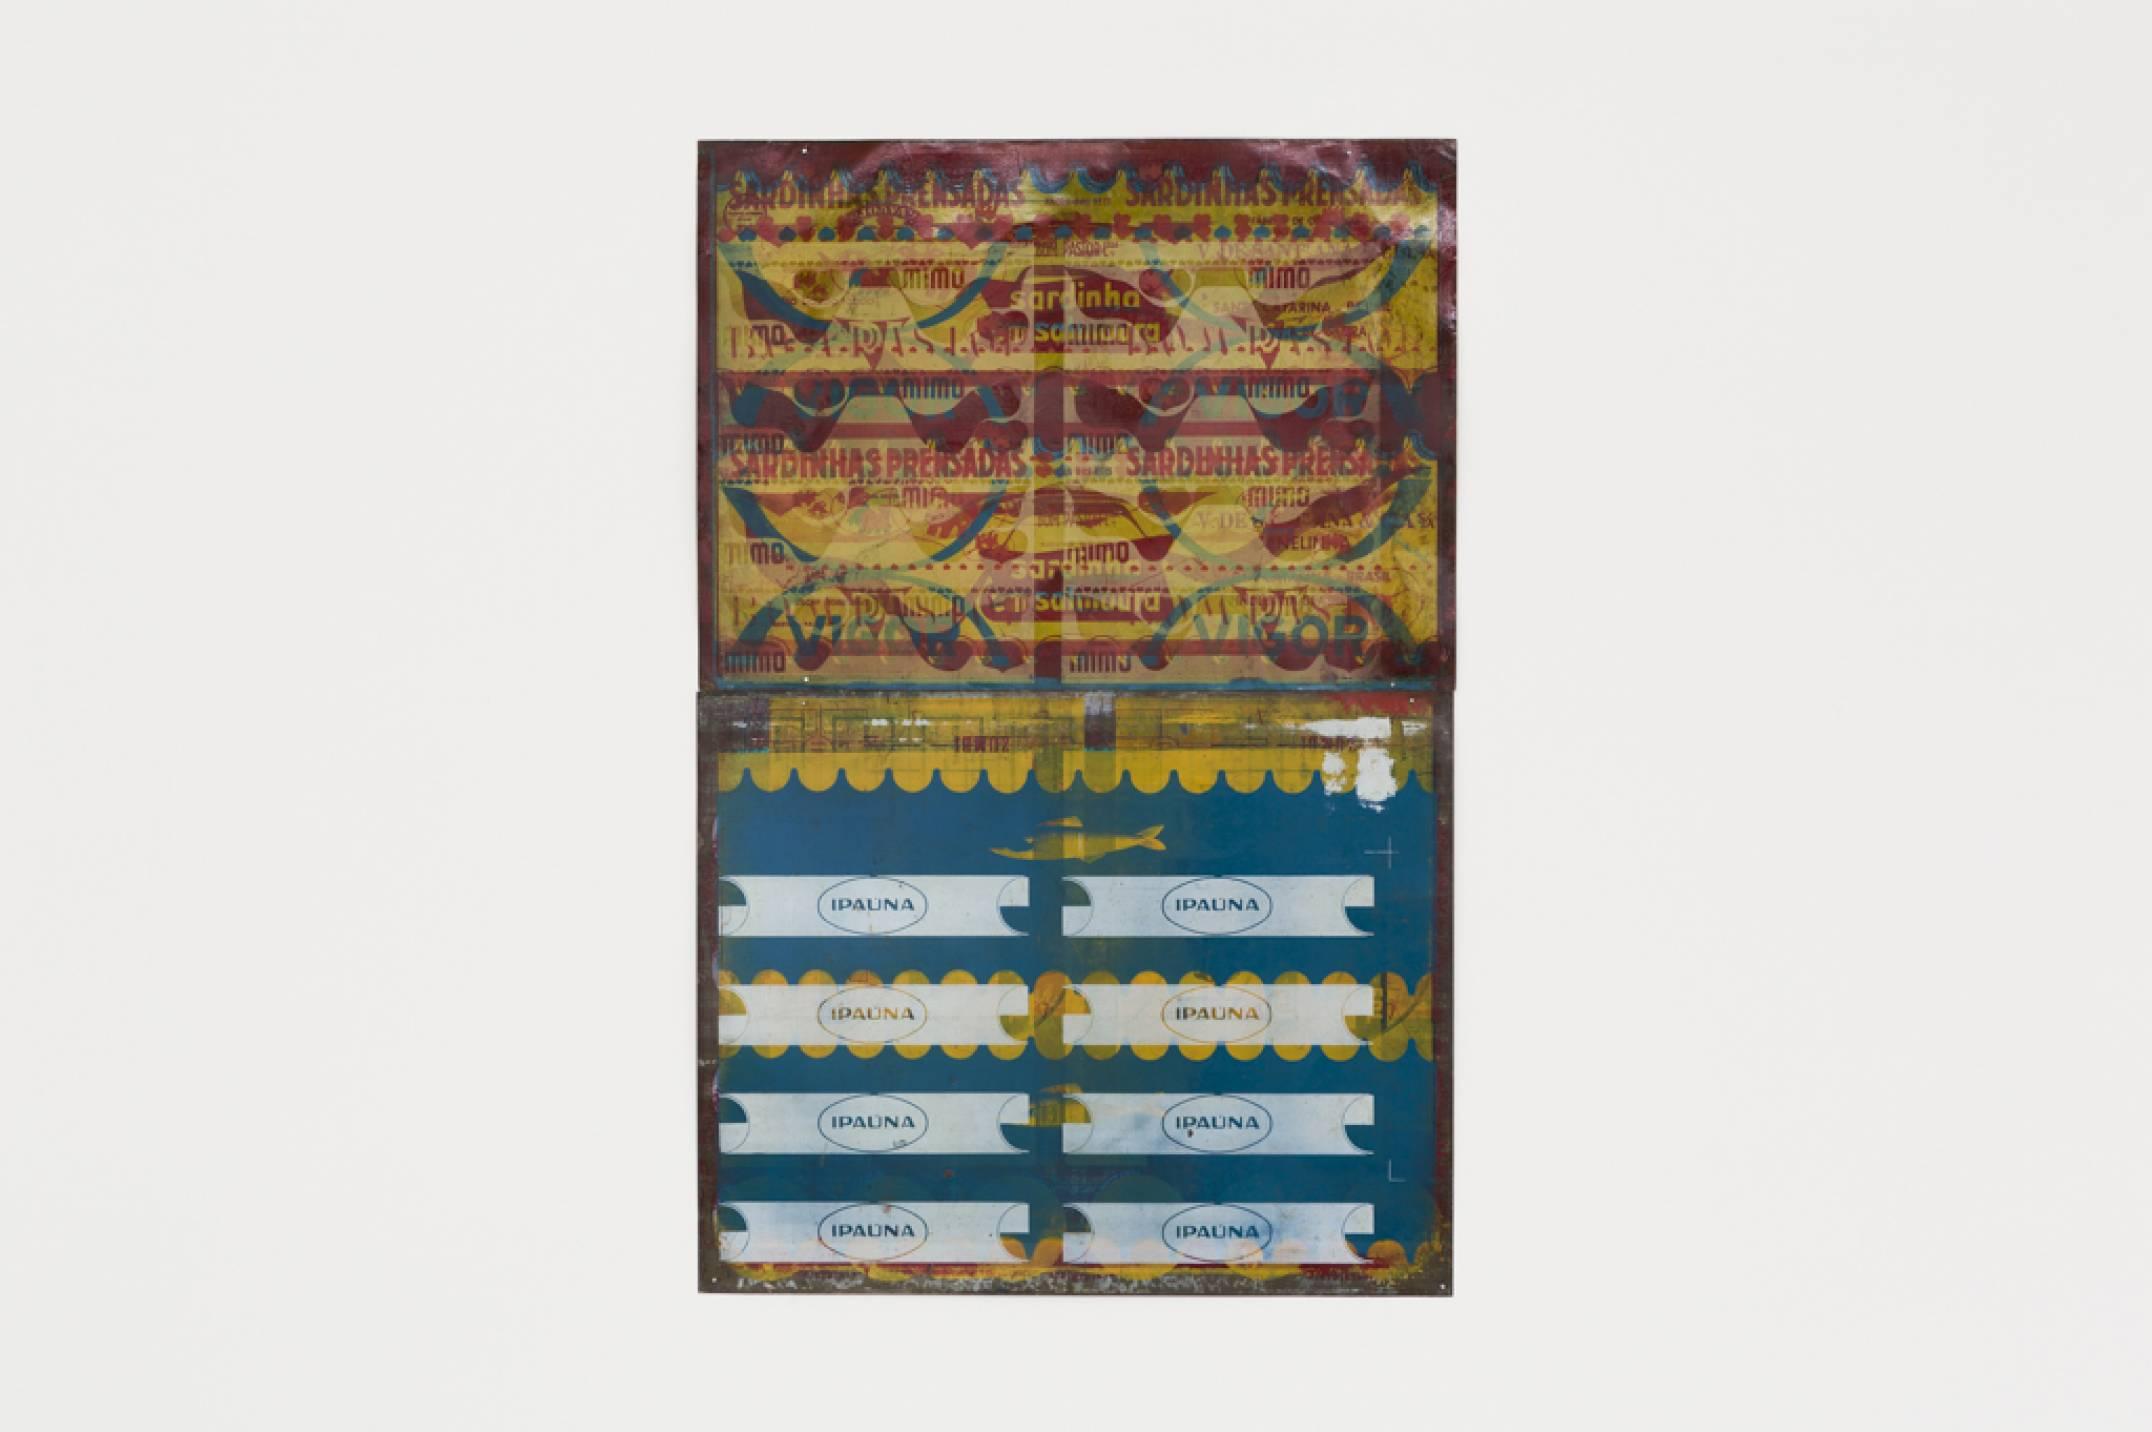 Lotus Lobo, <em>Estamparia Litográfica, sobre folha de flandres,</em> 1970-2016,&nbsp;print on tinplate, 102 × 70 cm - Mendes Wood DM